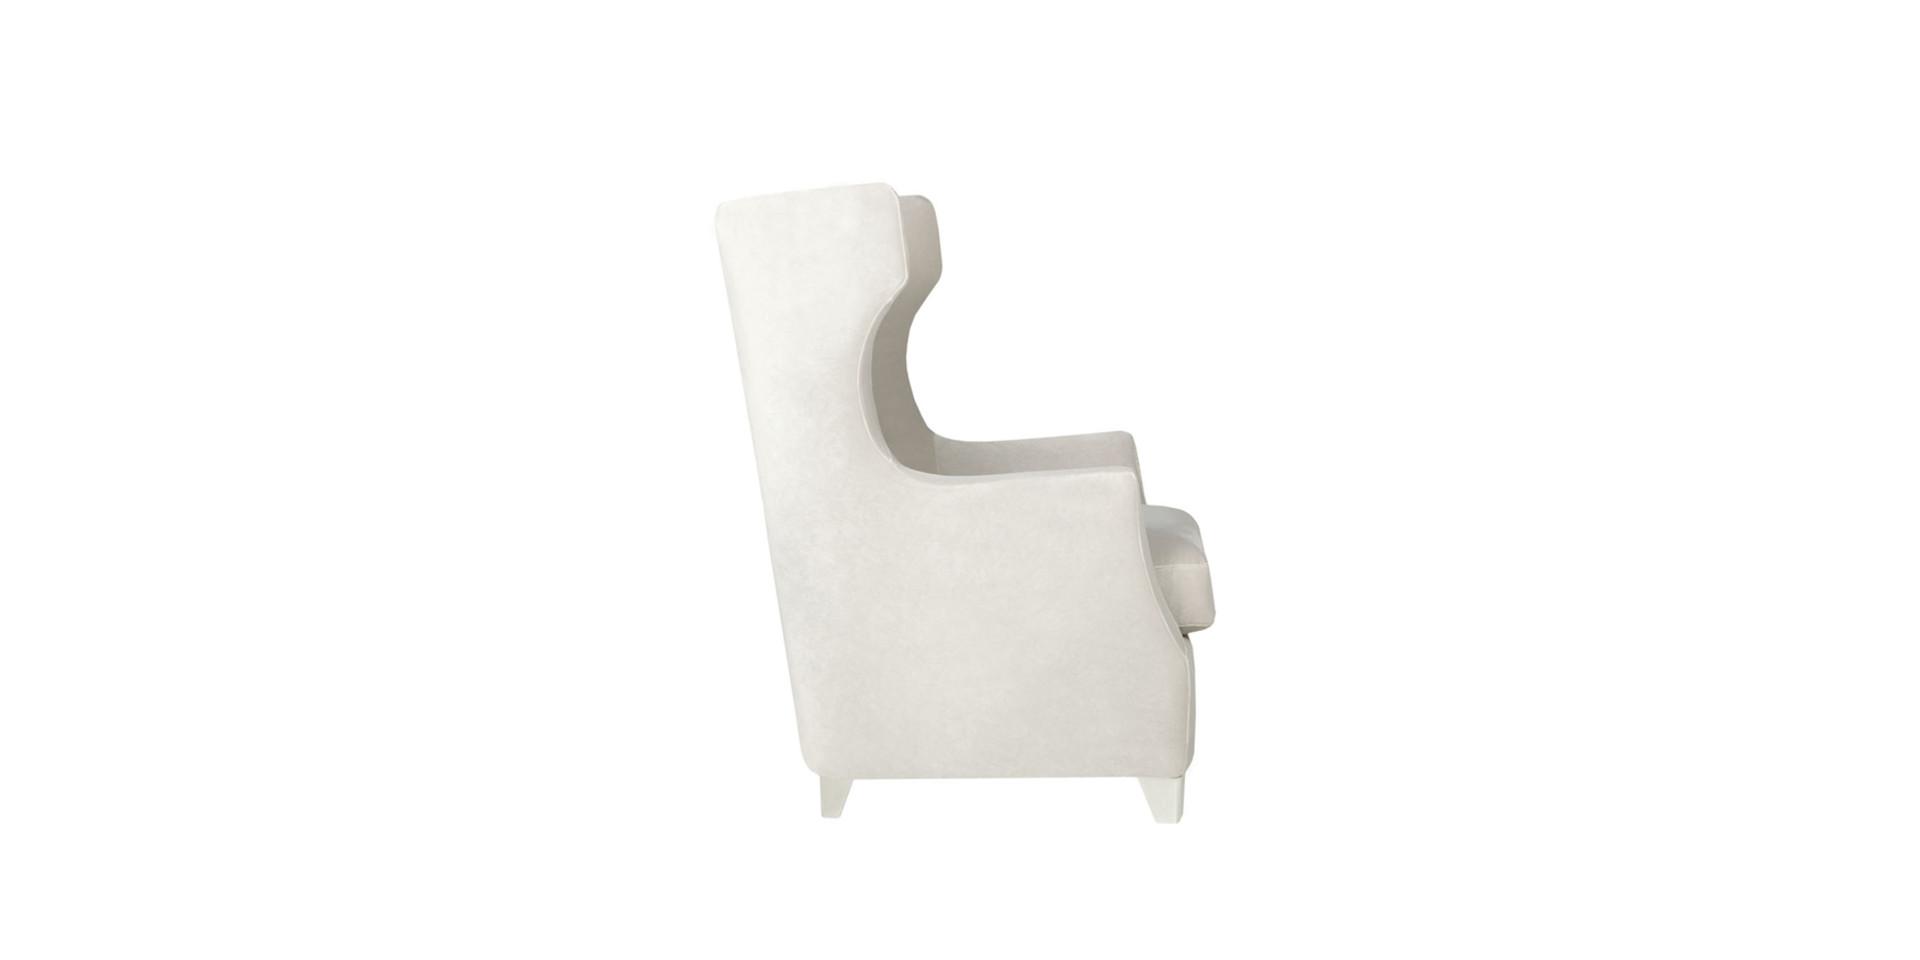 ROSE_armchair_high_classic_velvet4_light_grey_3